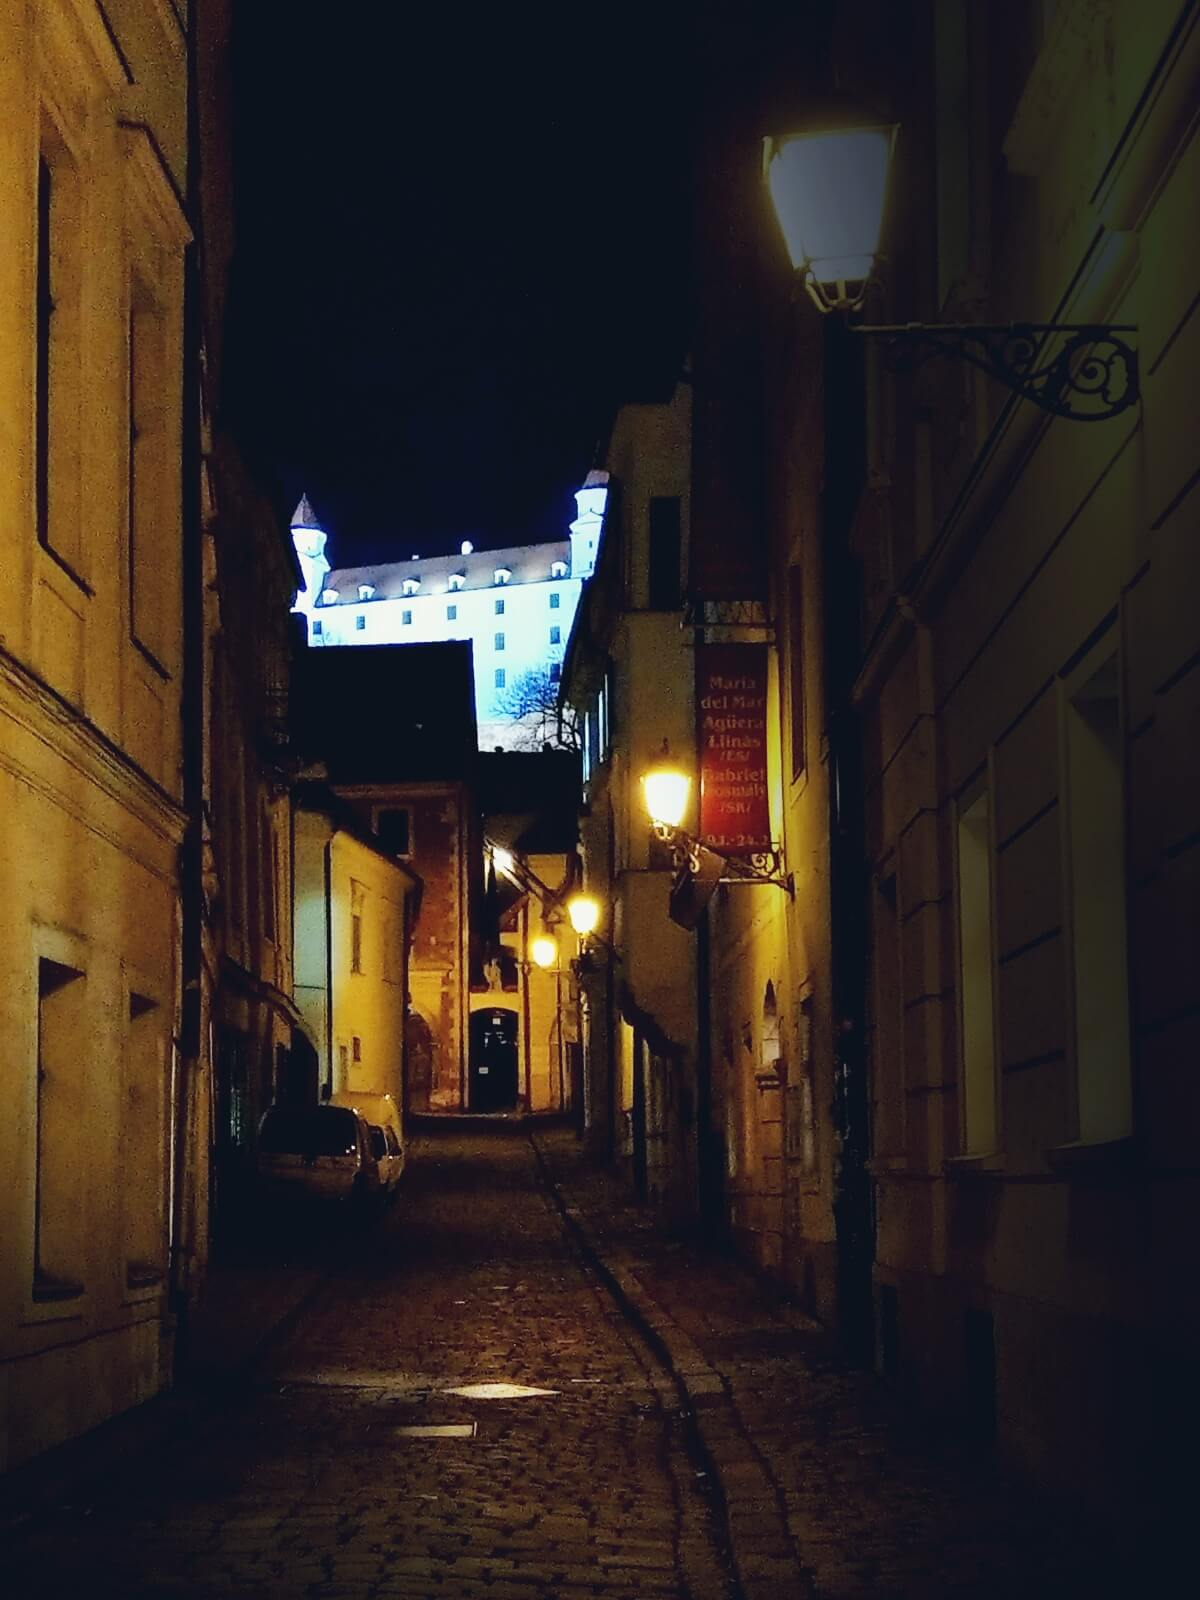 Uliczki starego miasta i biały zamek w Bratysławie nocą.